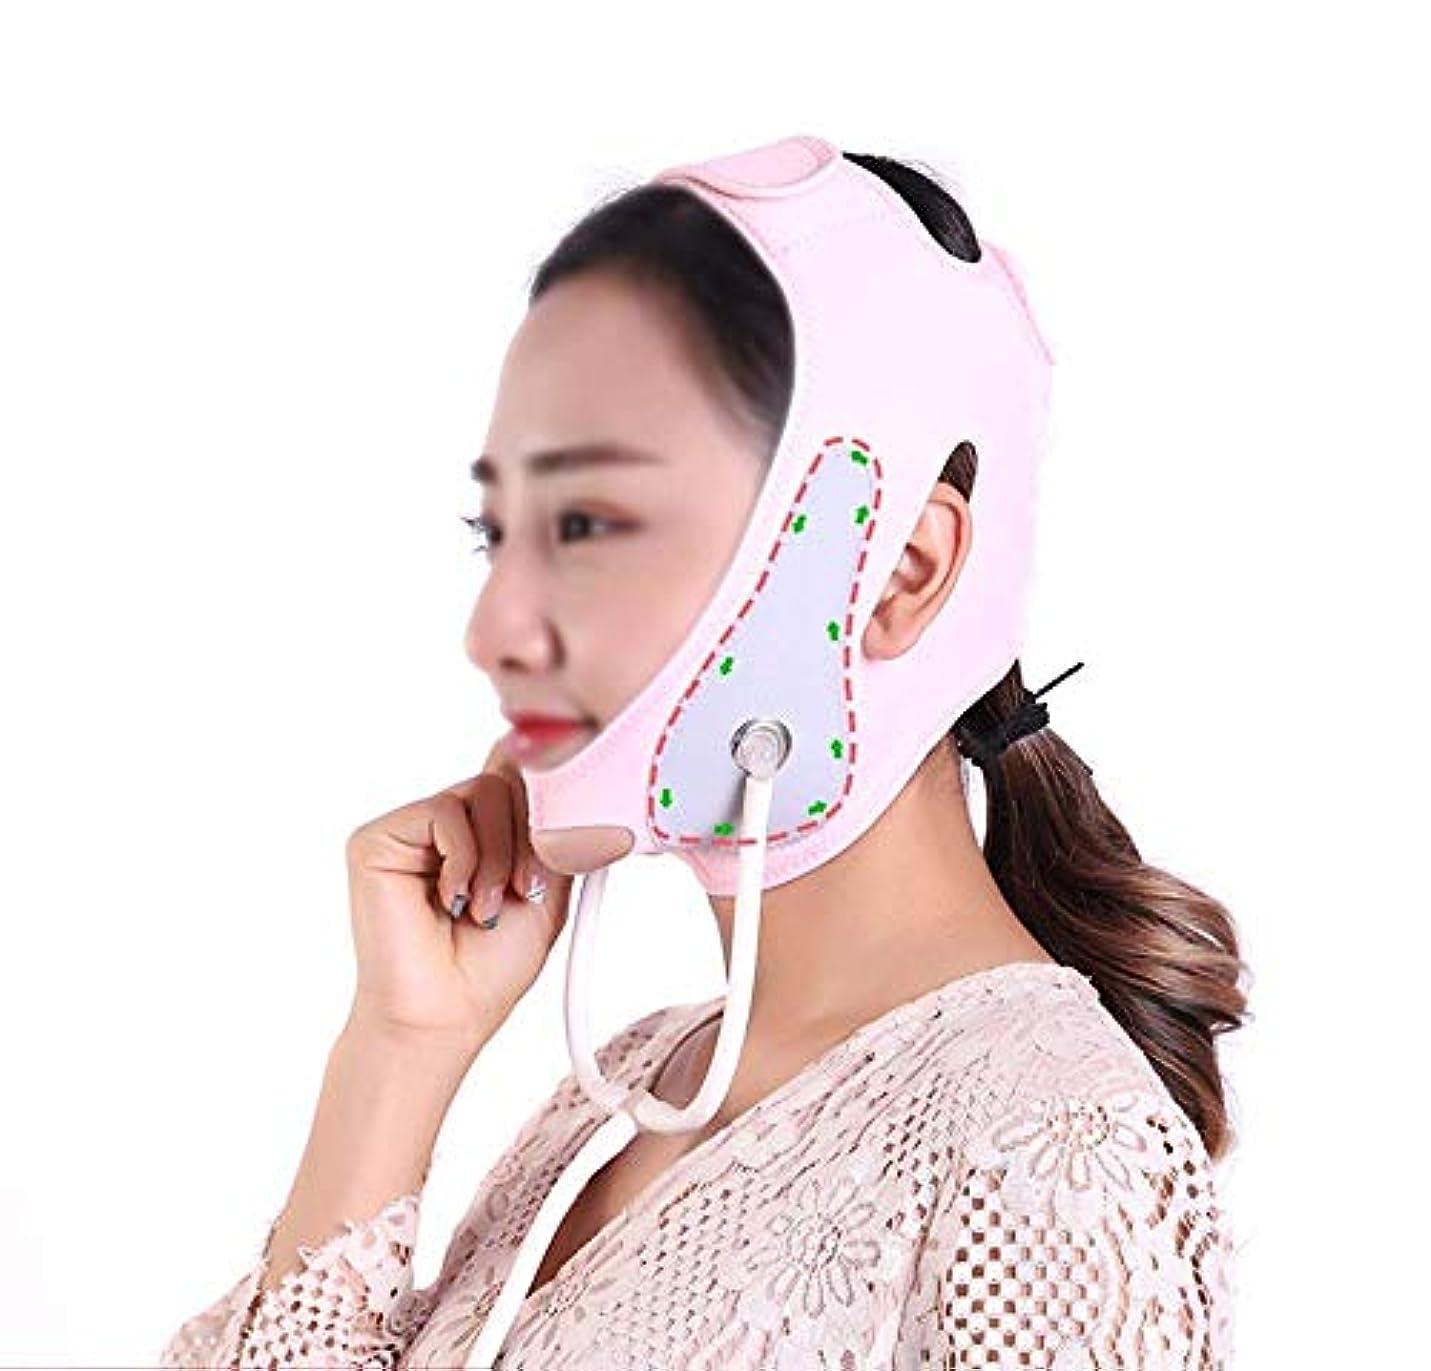 カラス証拠狂気フェイスアンドネックリフトポストエラスティックスリーブ薄いフェイスマスク引き締め肌の改善咬筋リフティング収縮薄いフェイス弾性包帯Vフェイスアーティファクト